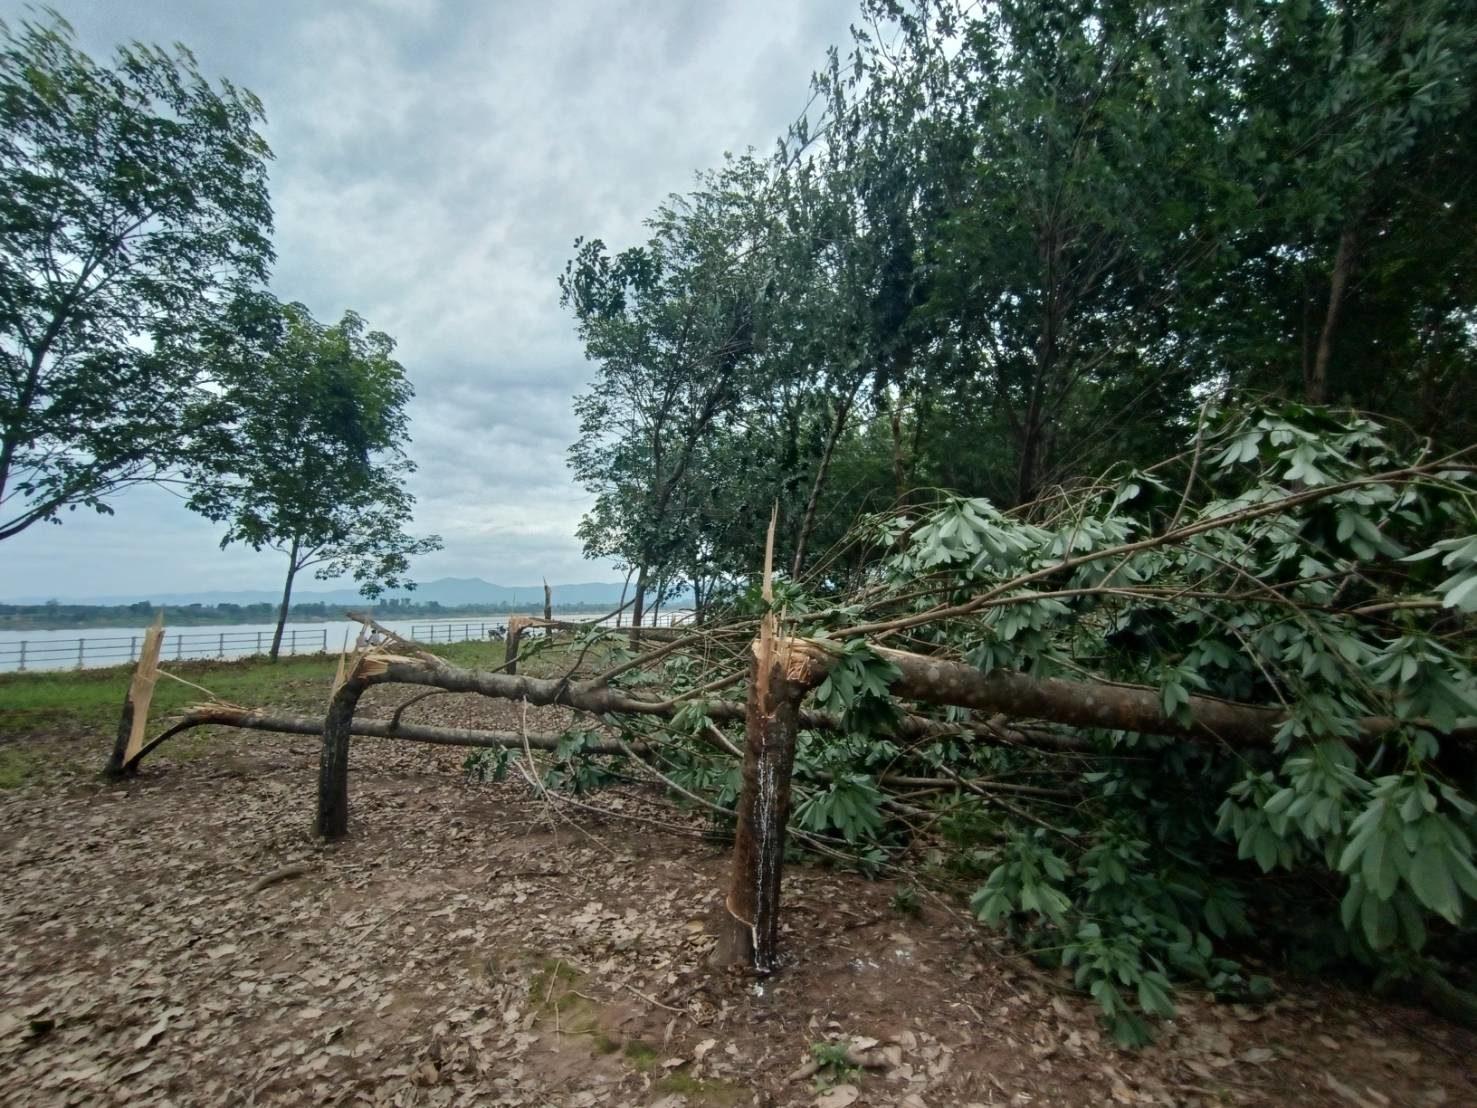 'บึงกาฬ' พายุฤดูร้อนกระหน่ำ สวนยางพาราหักโค่นซ้ำเติมเกษตรกร